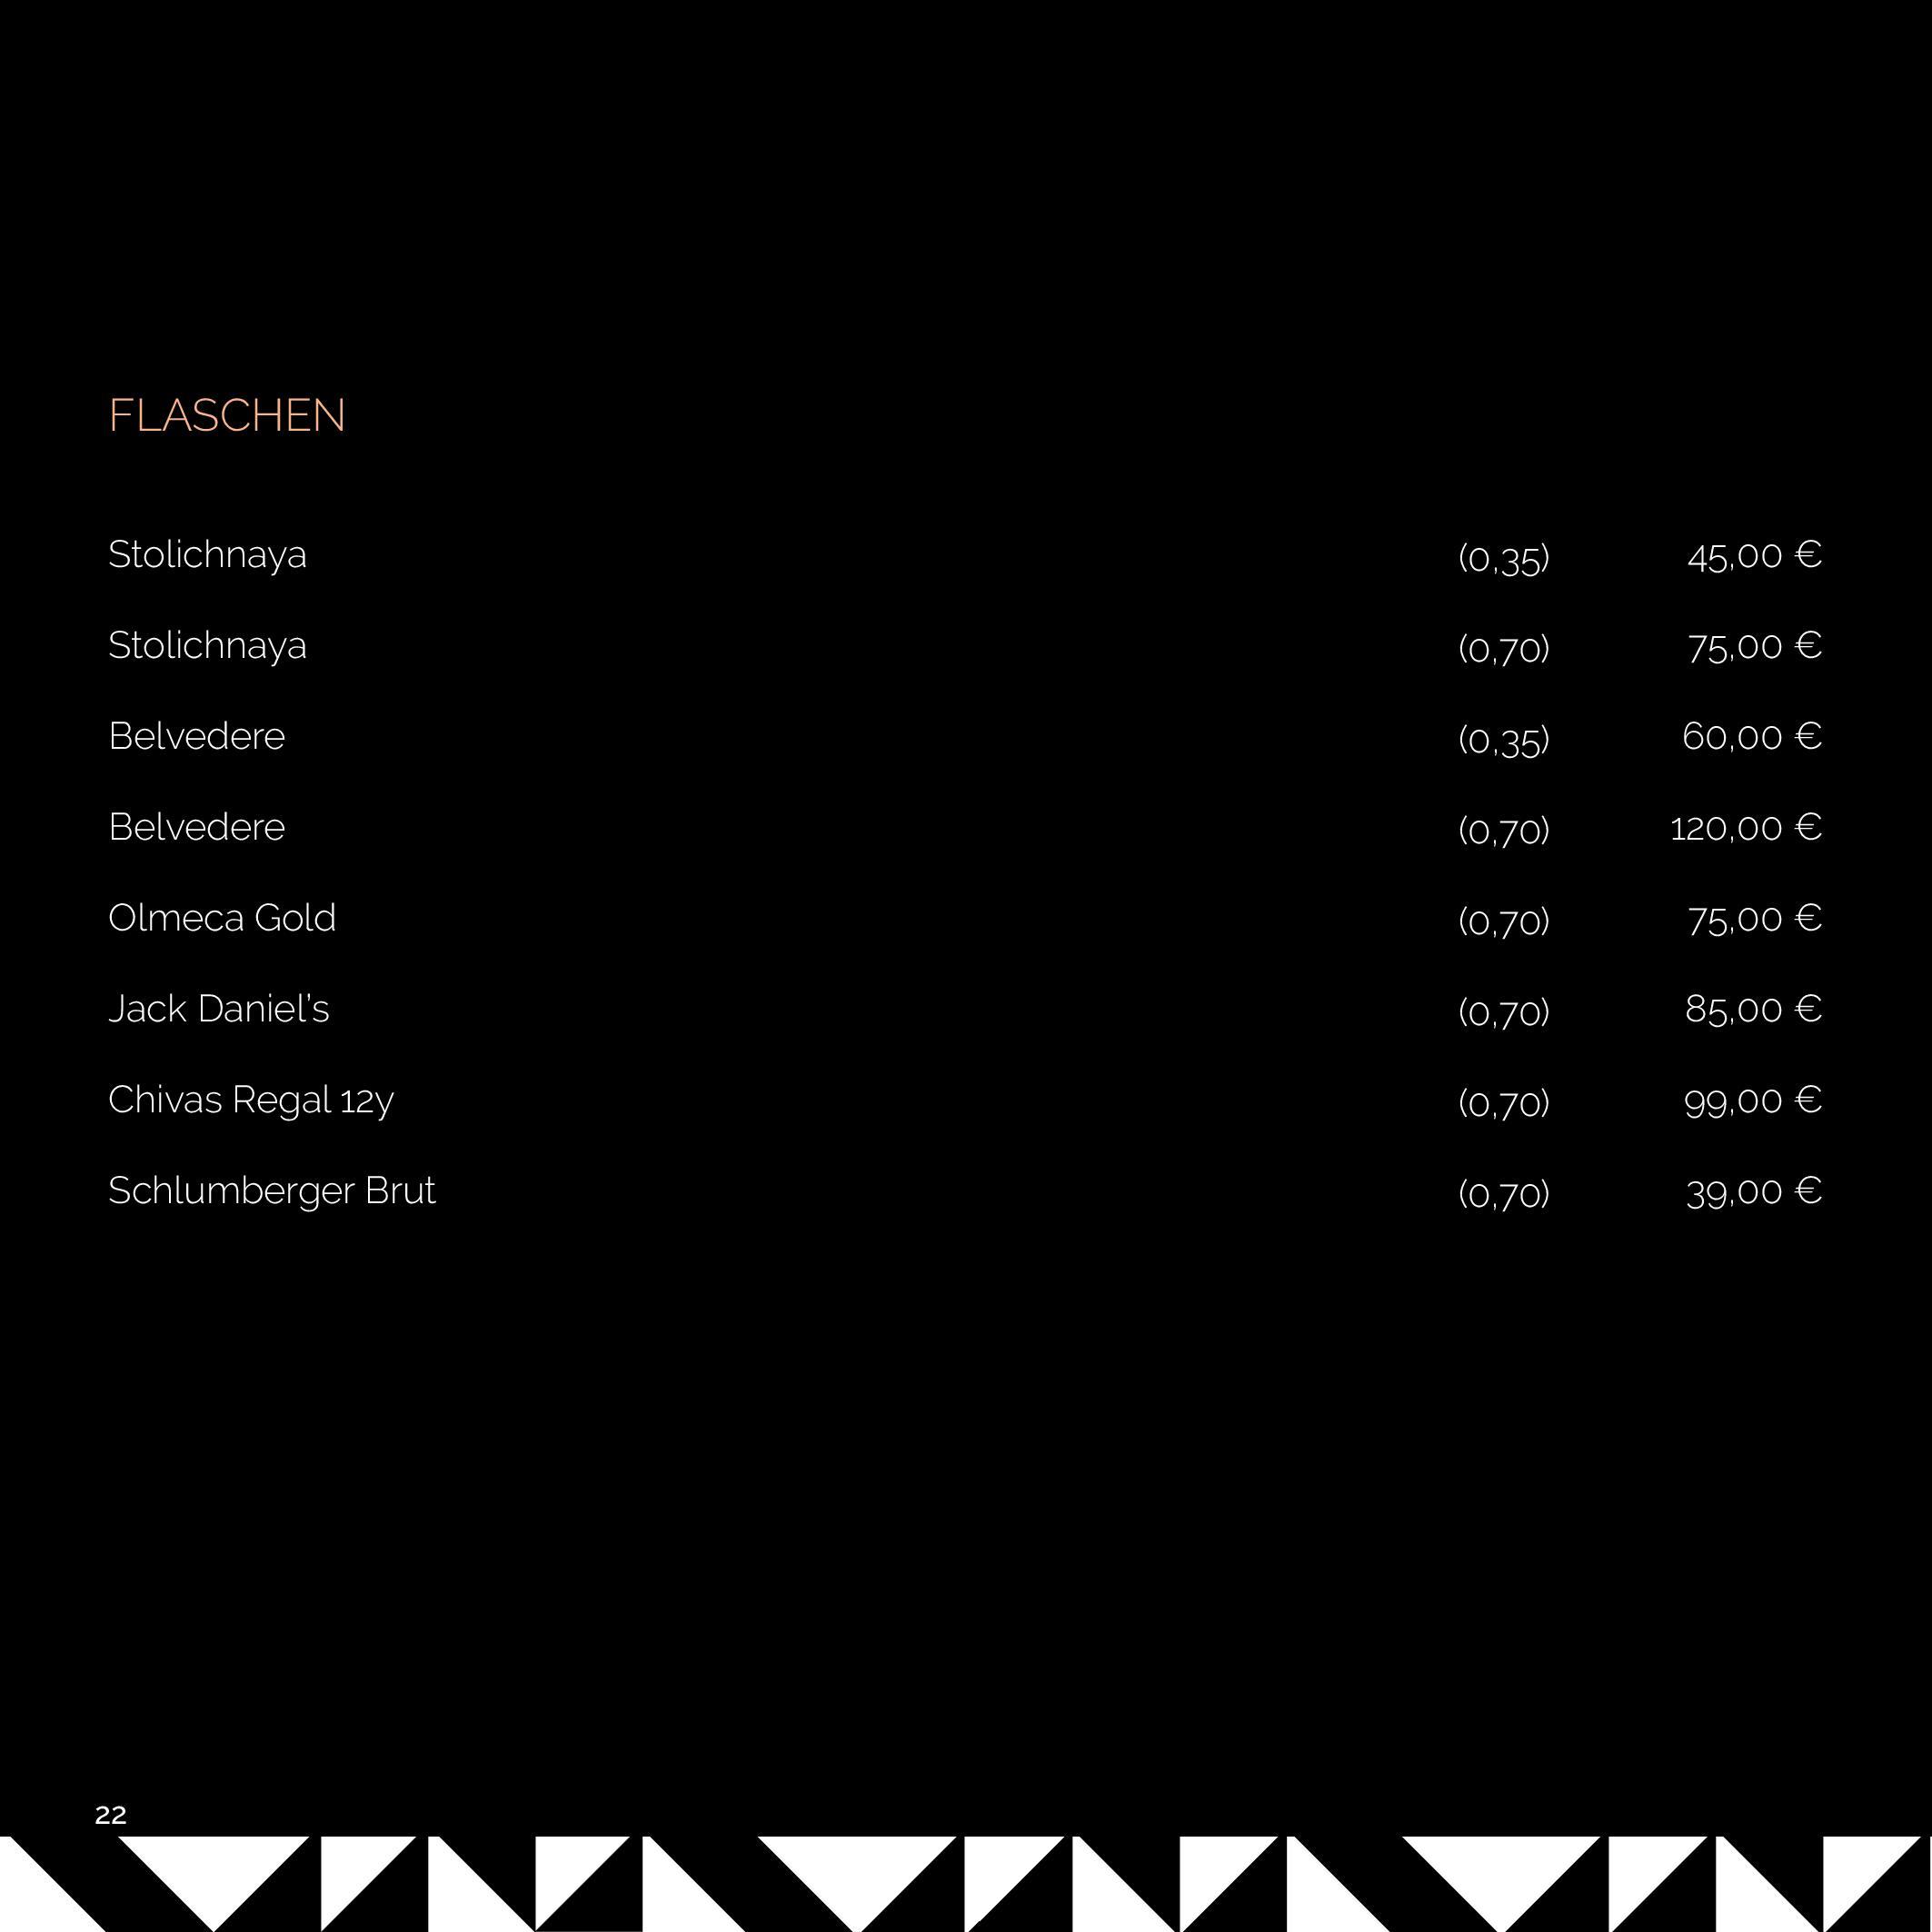 SOHO MENU 2020 BLACK KARE page 022